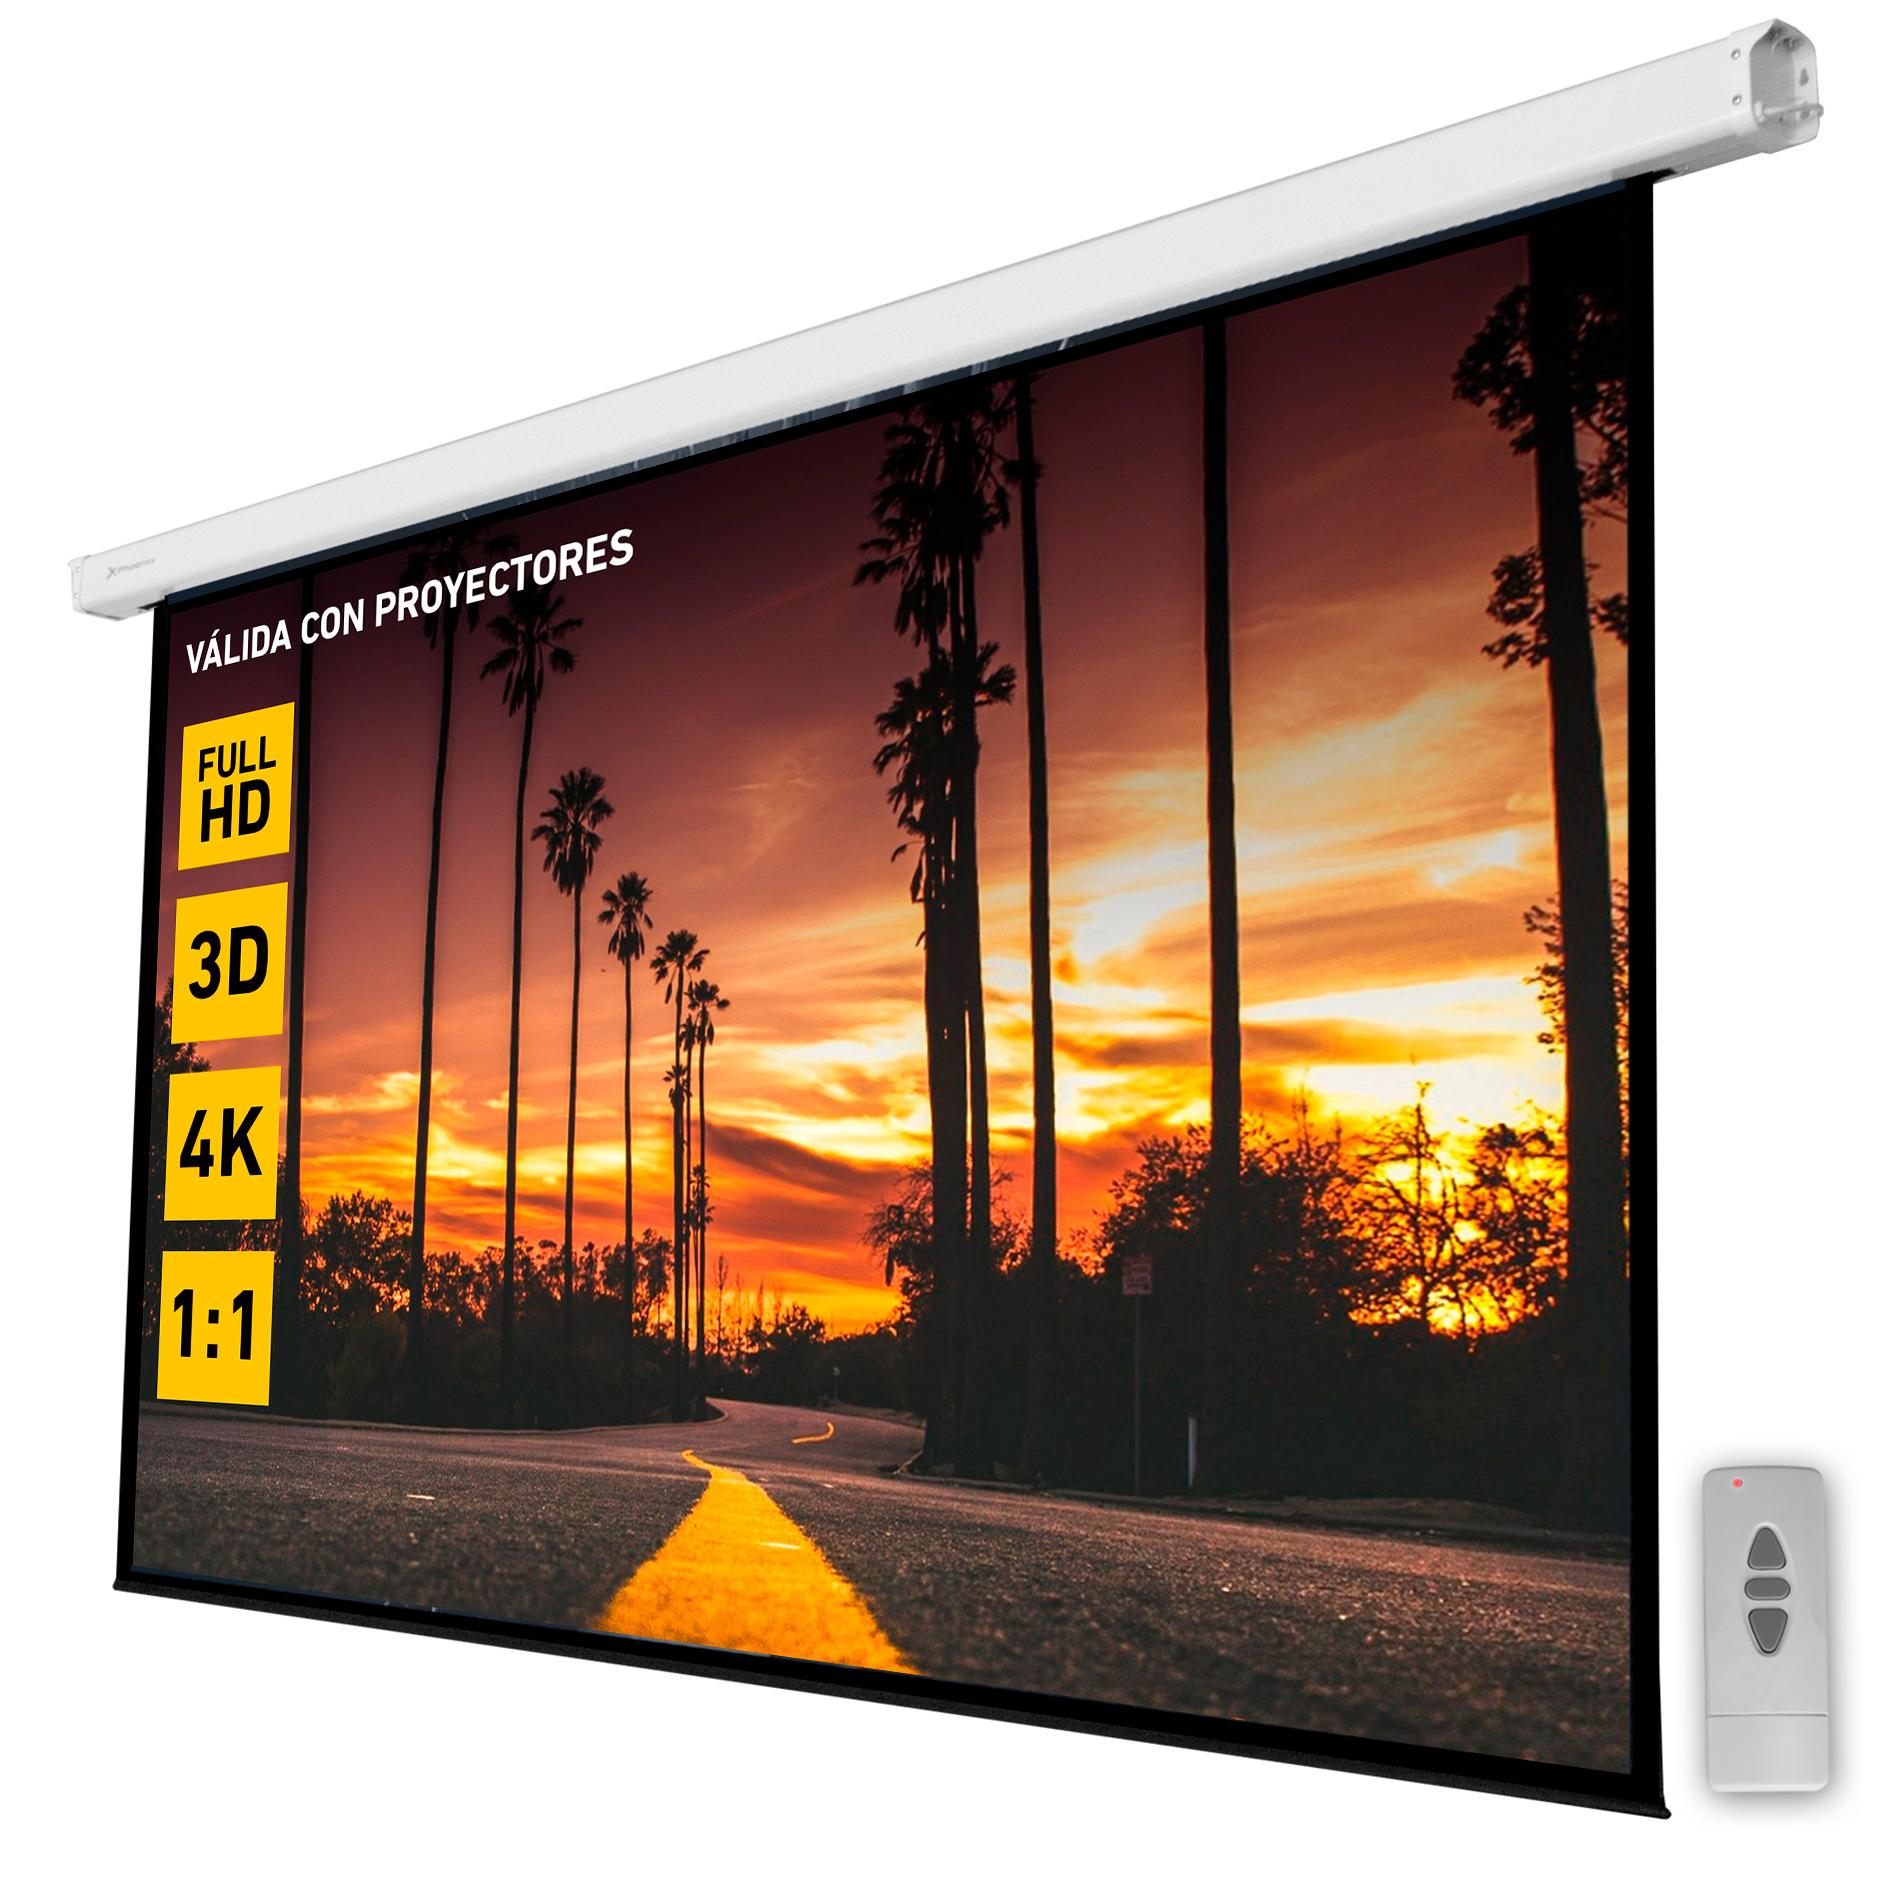 Pantalla electrica videoproyector pared y techo phoenix 135´´ratio 1:1 - 4:3 - 16:9 2.4m x 2.4m posicion adjustable - carcasa blanca - tela super resi